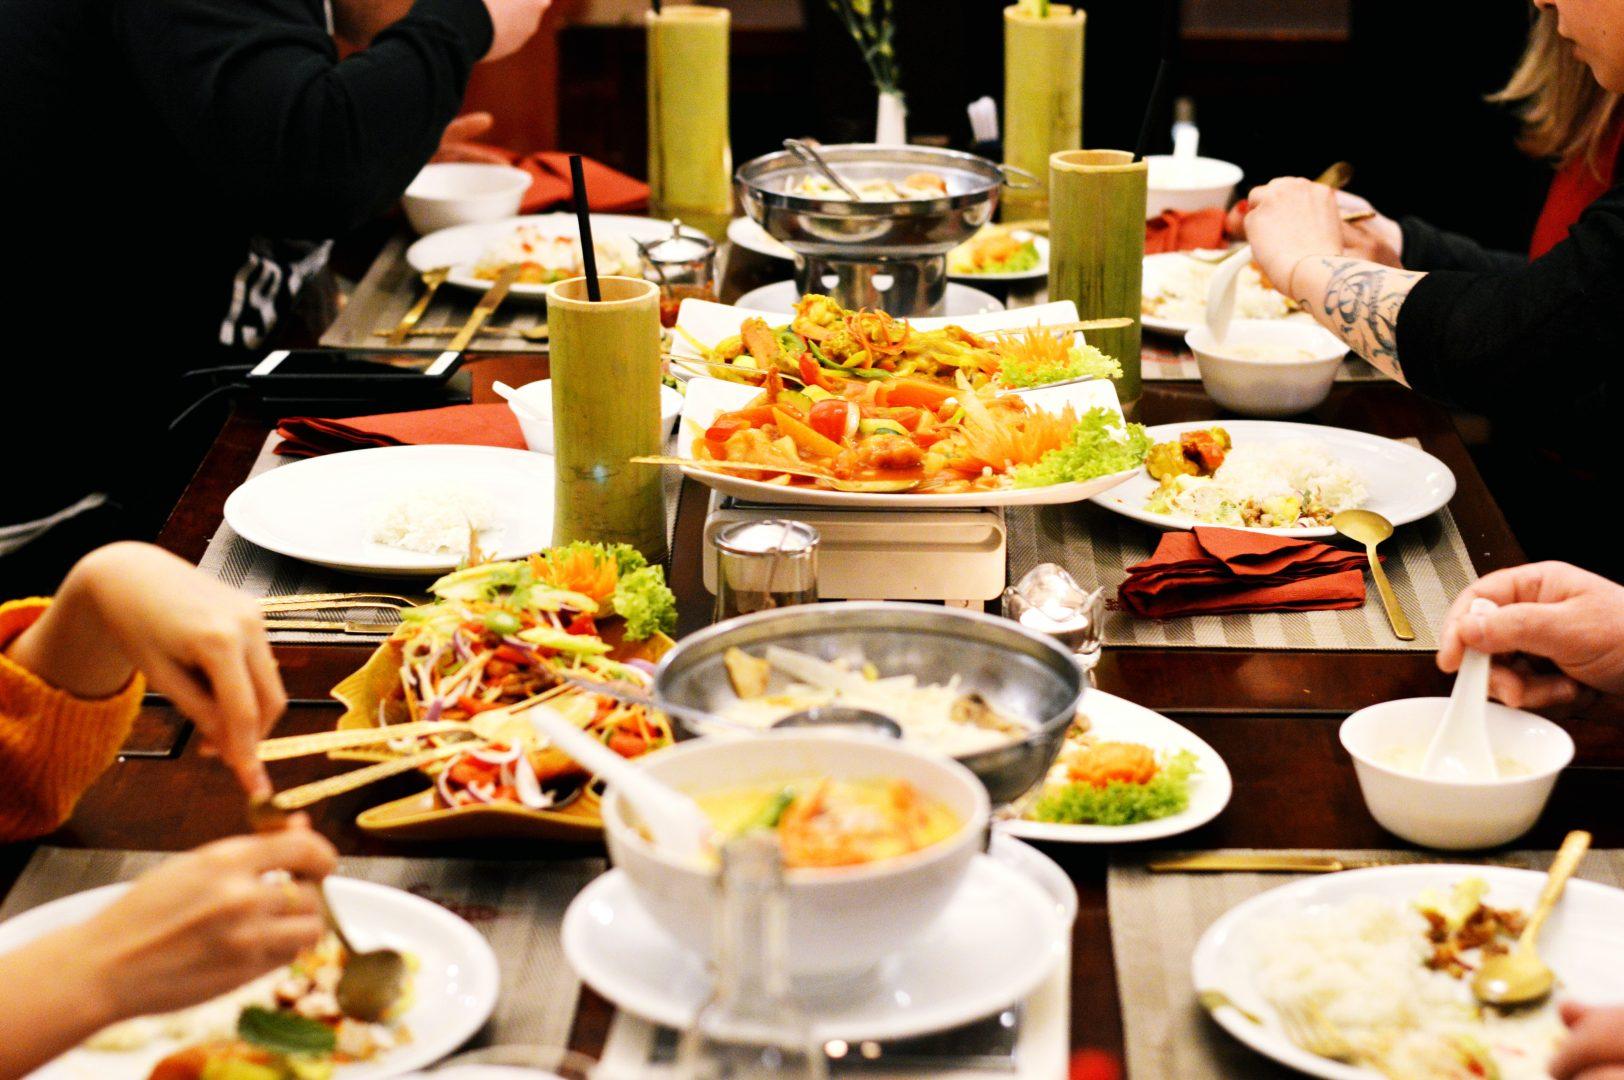 Familienessen im Tamrap Thai-Restaurant in Koblenz | www.dearlicious.com